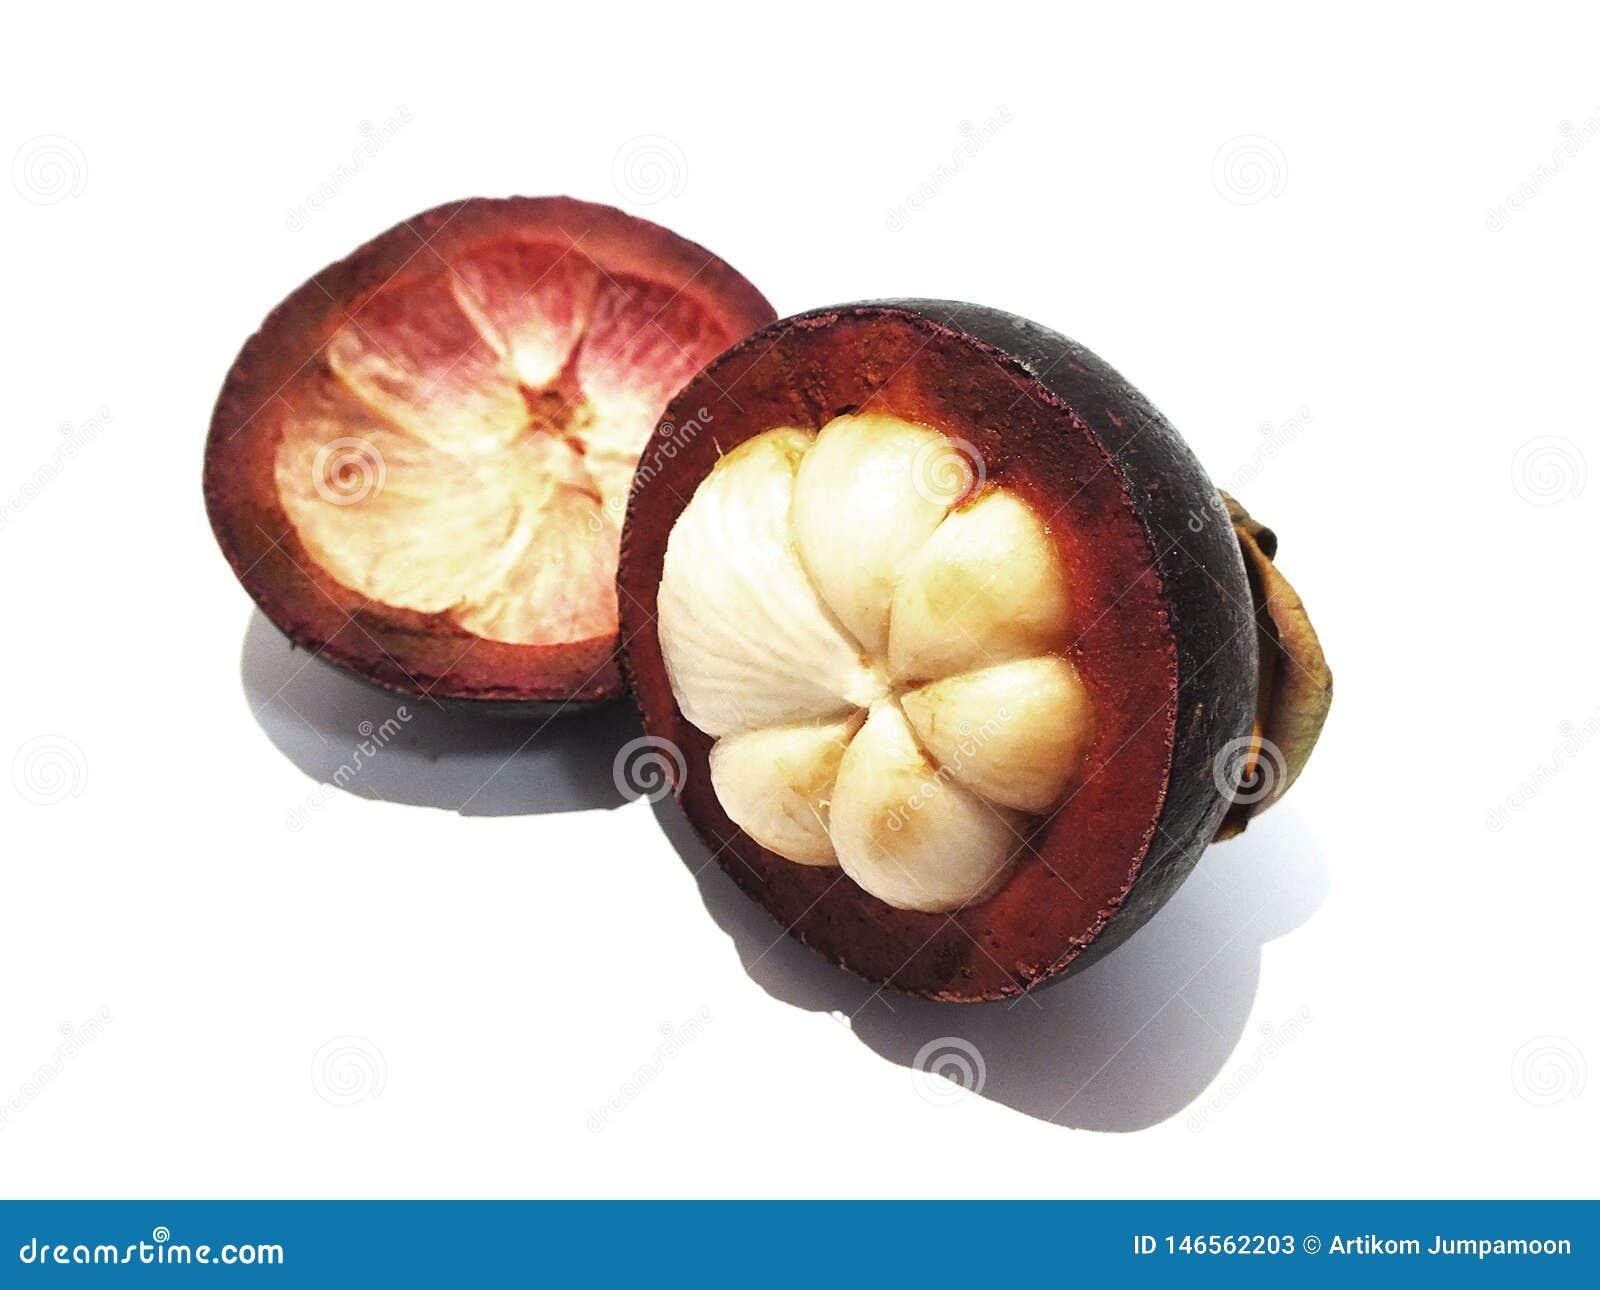 Mangostan, zoet die fruit, op een witte achtergrond wordt ge?soleerd